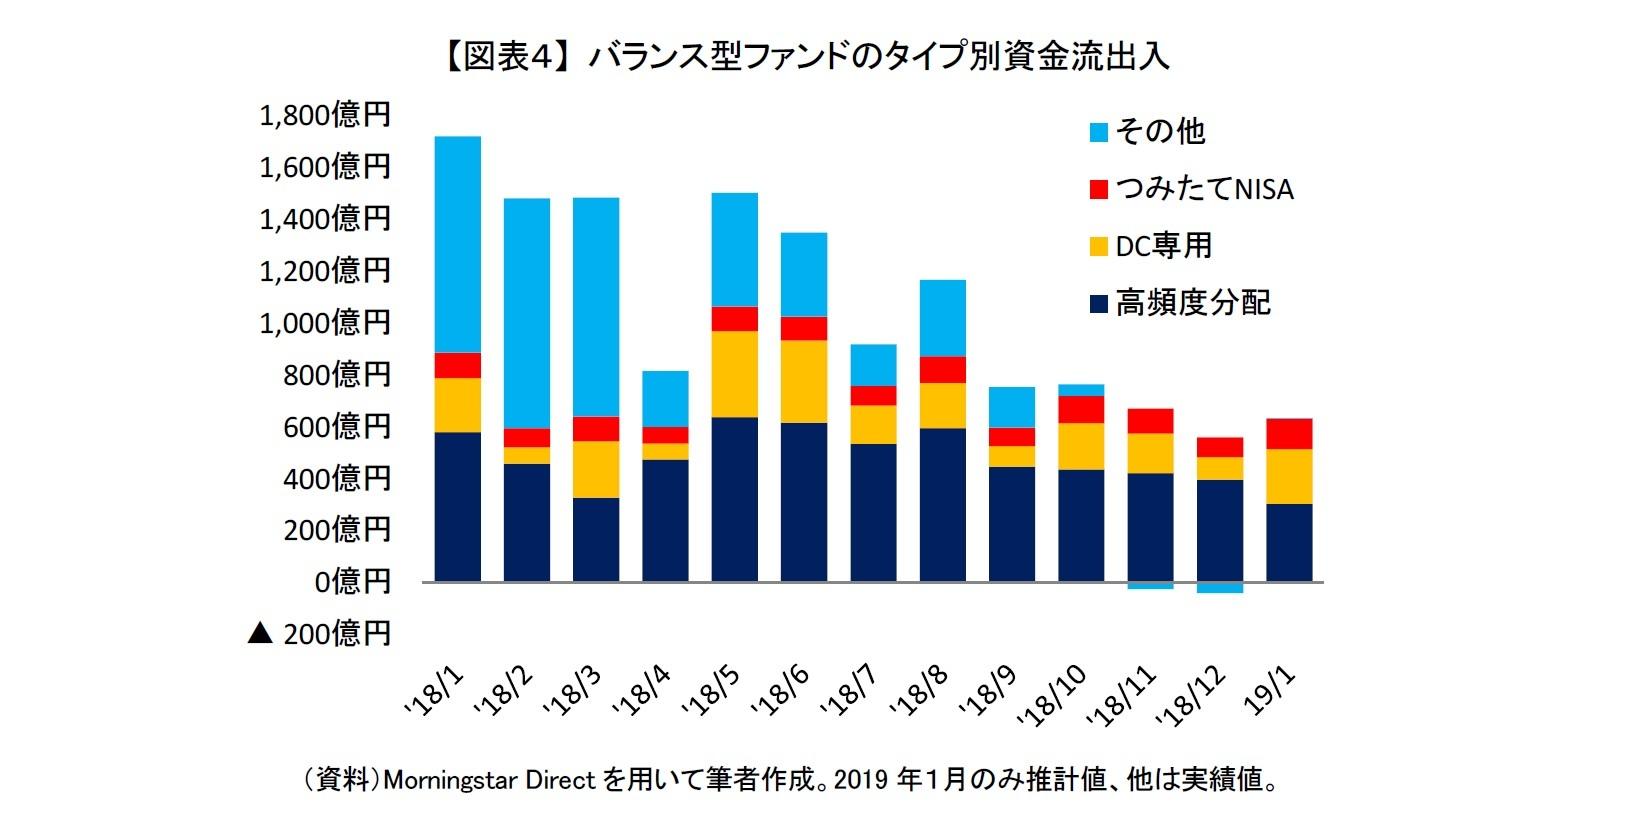 【図表4】 バランス型ファンドのタイプ別資金流出入